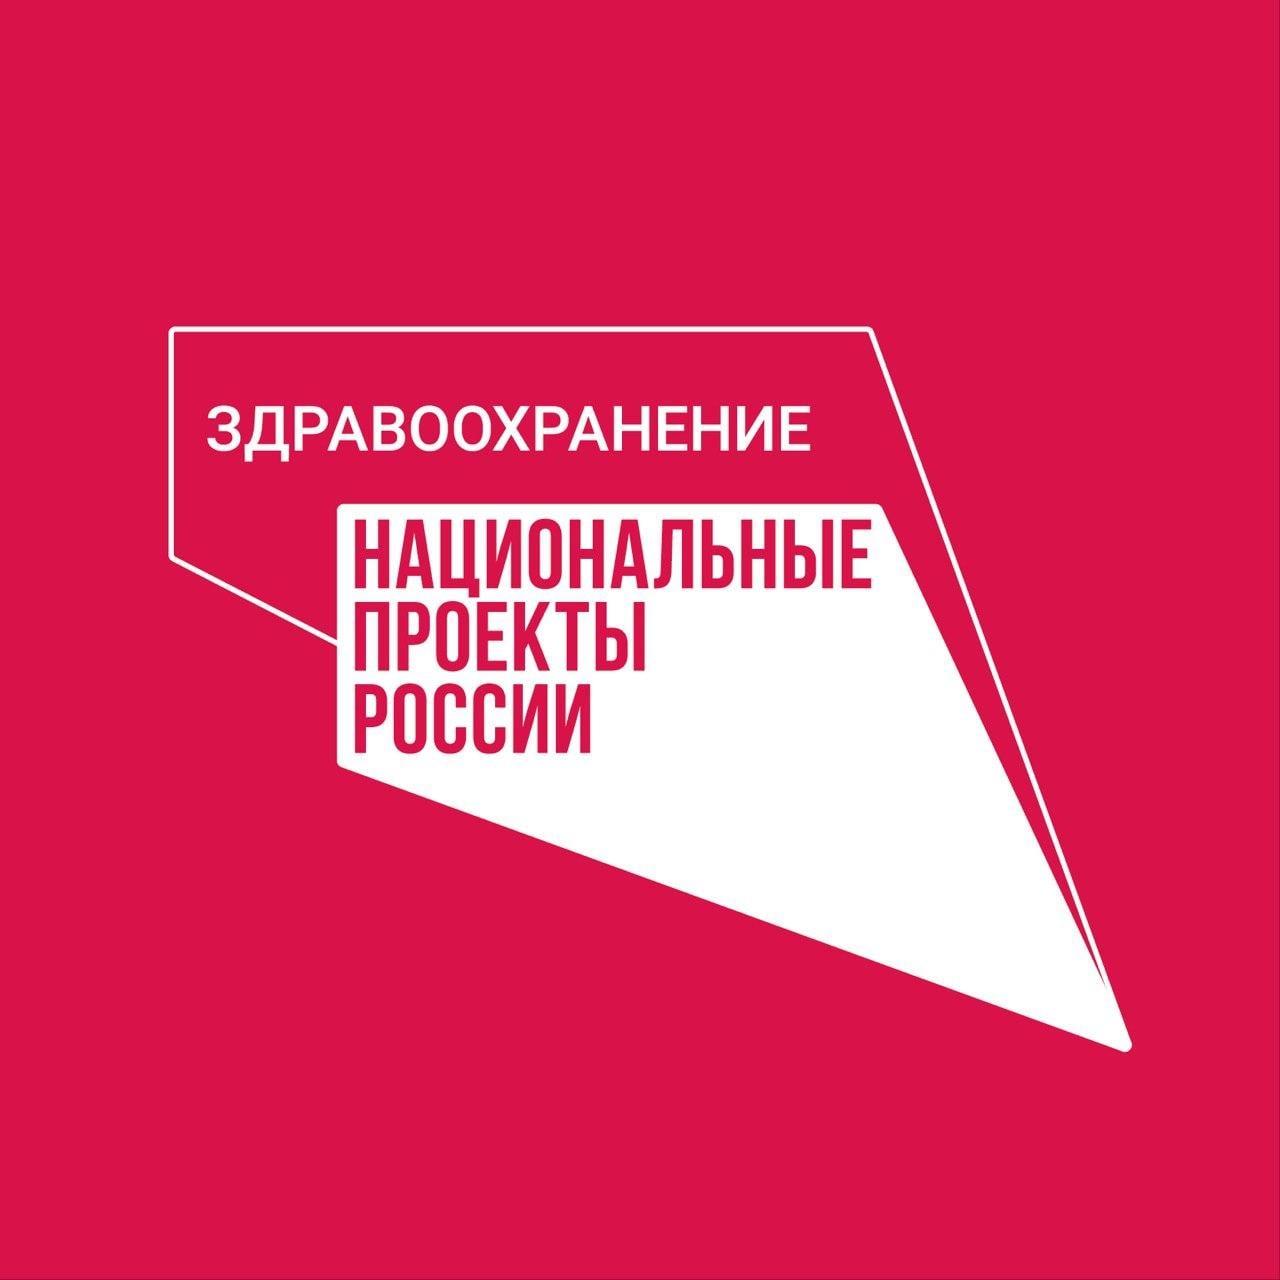 Более 47 млн рублей выделено на лекарства пациентам с сердечно-сосудистыми заболеваниями